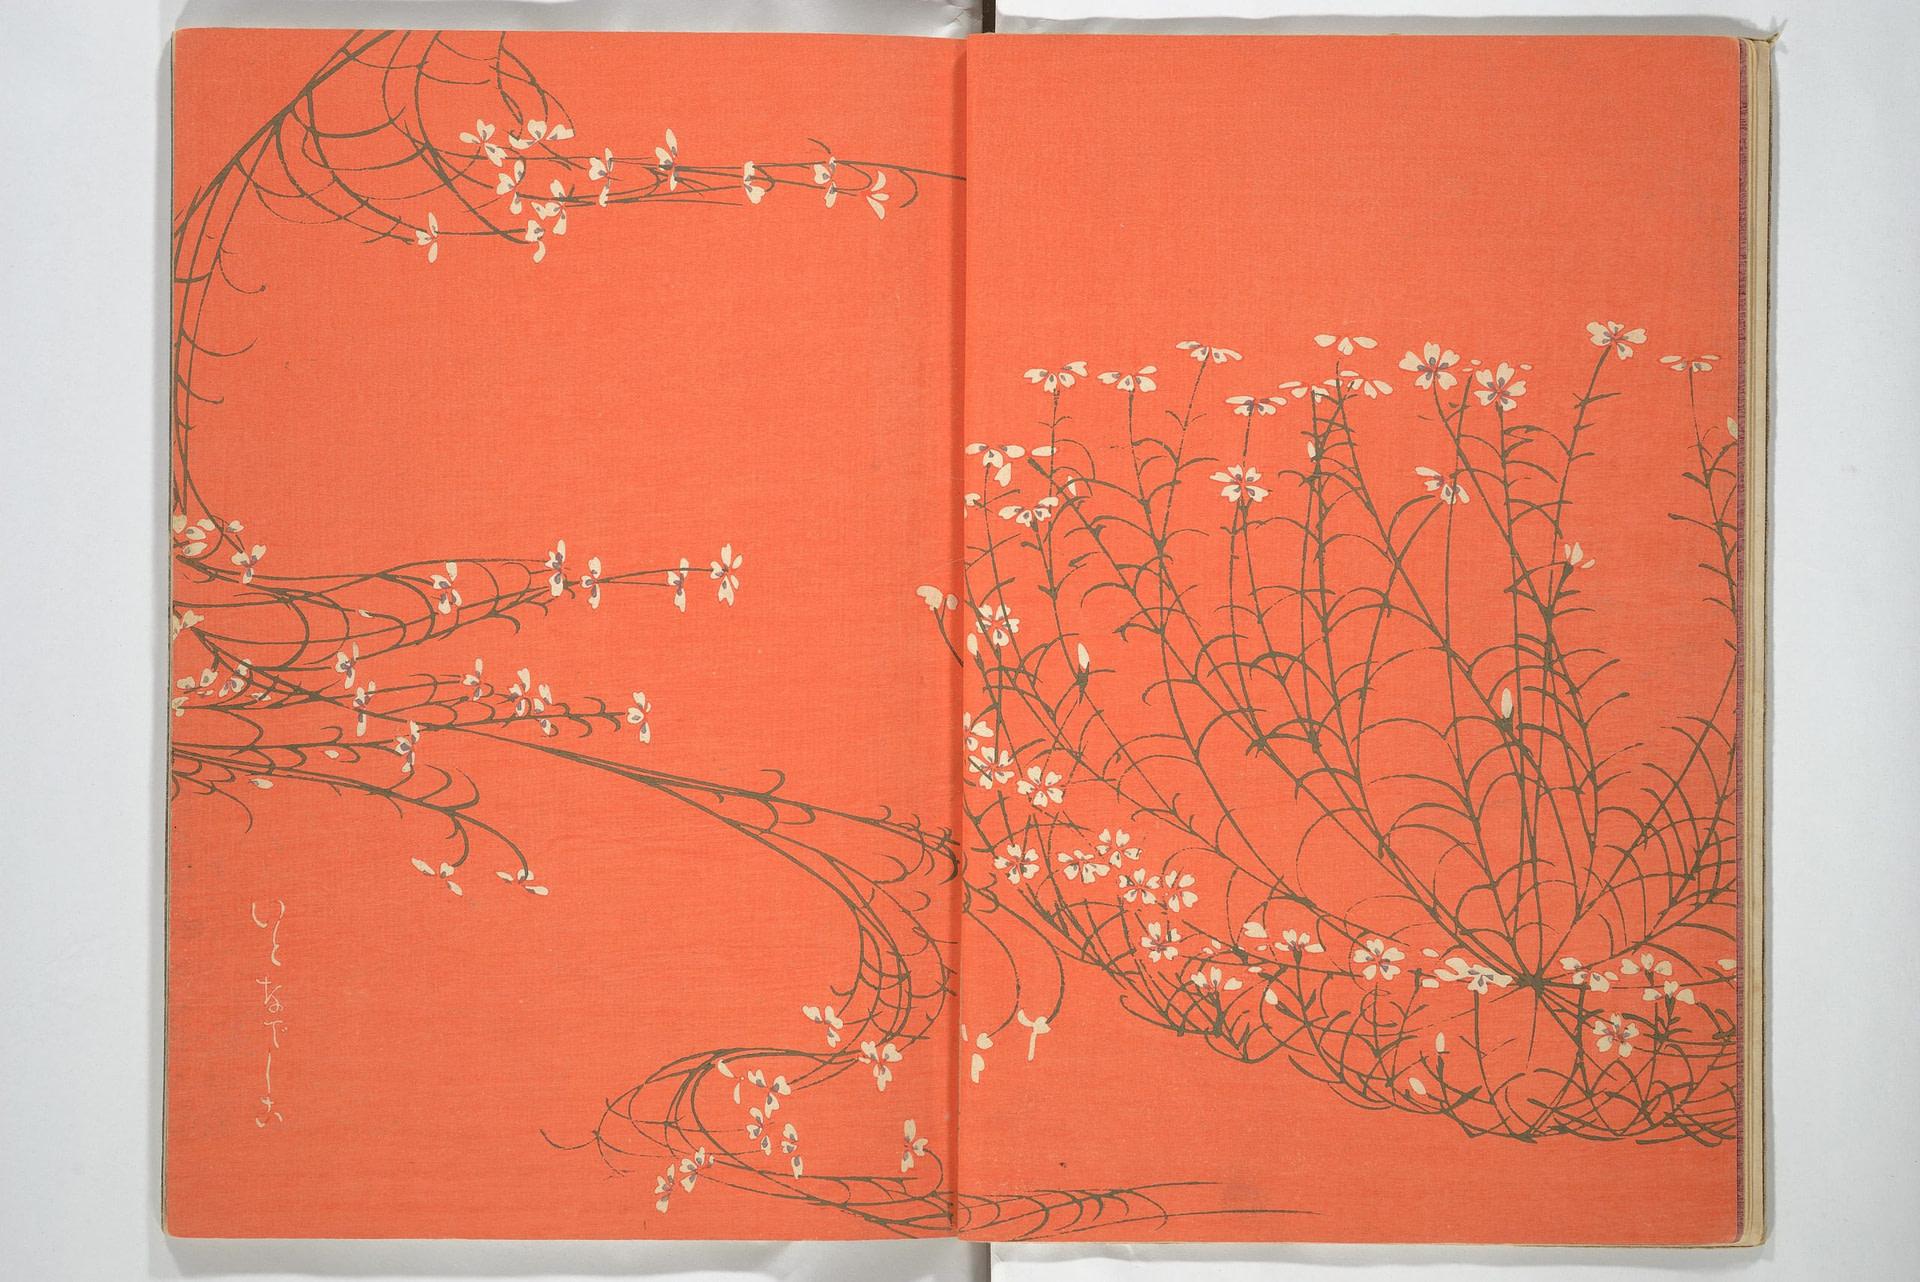 marenostrumgraficas oyo sketchbook